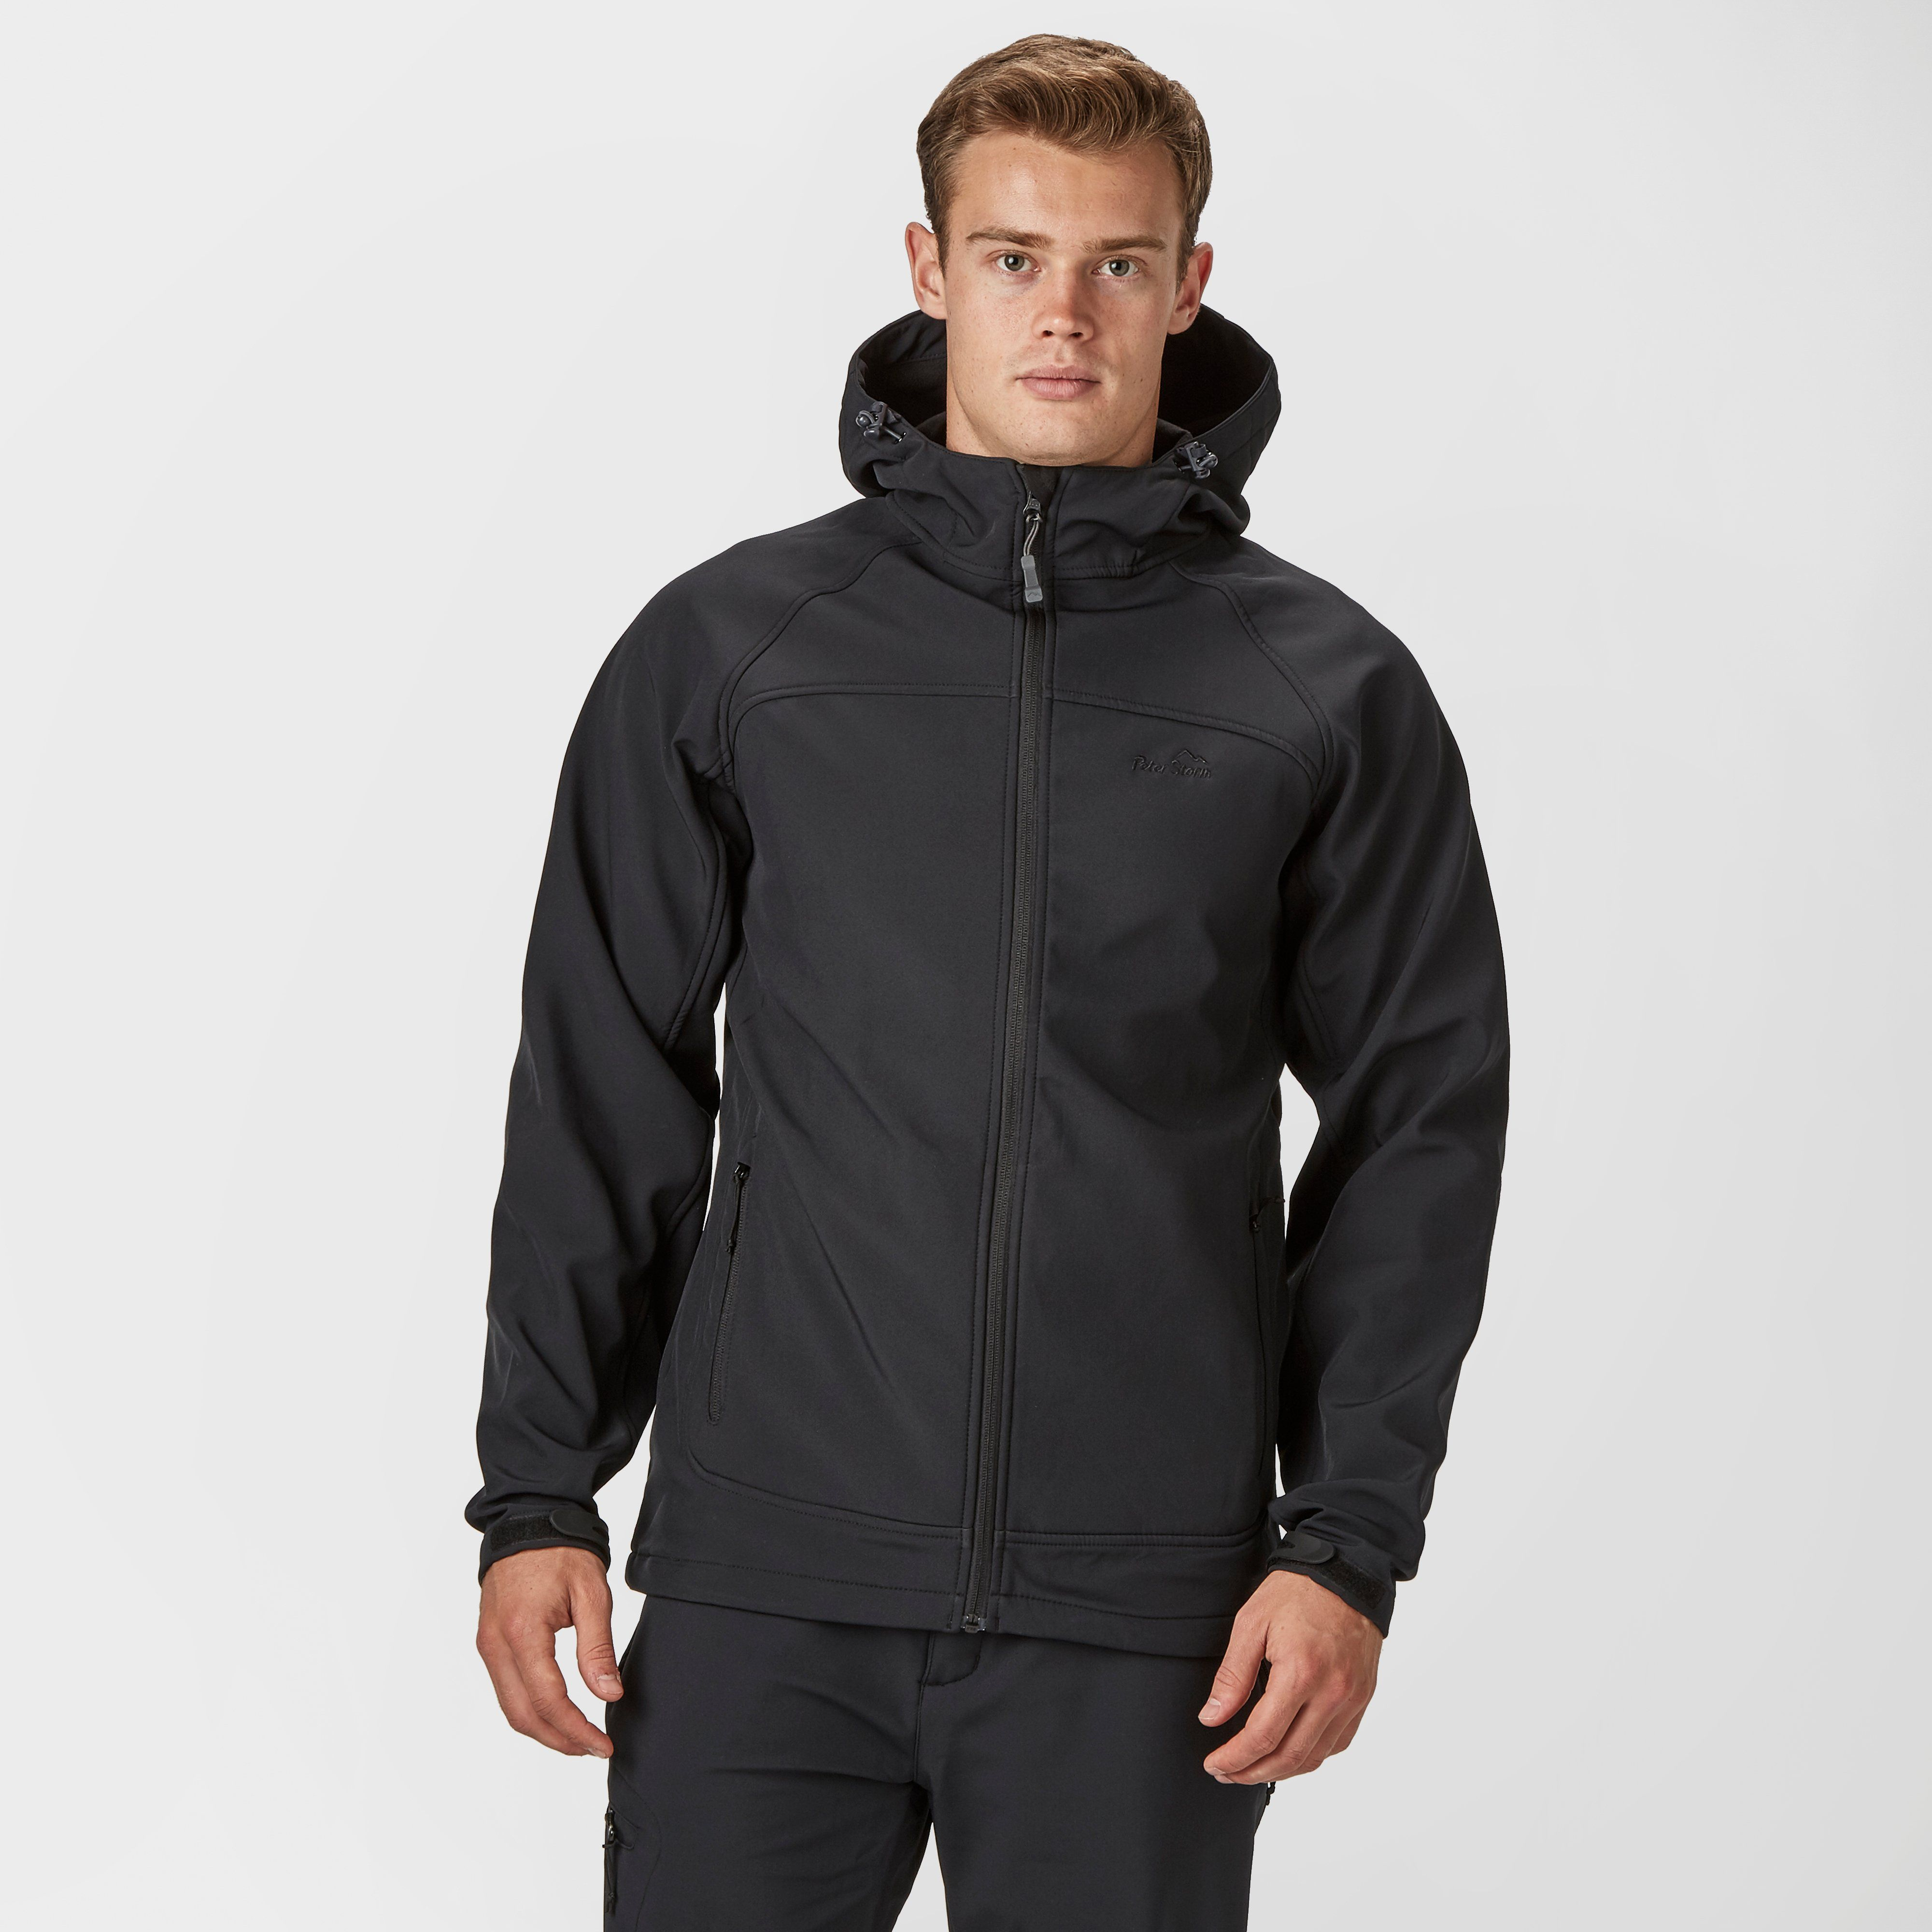 PETER STORM Men's Softshell II Jacket